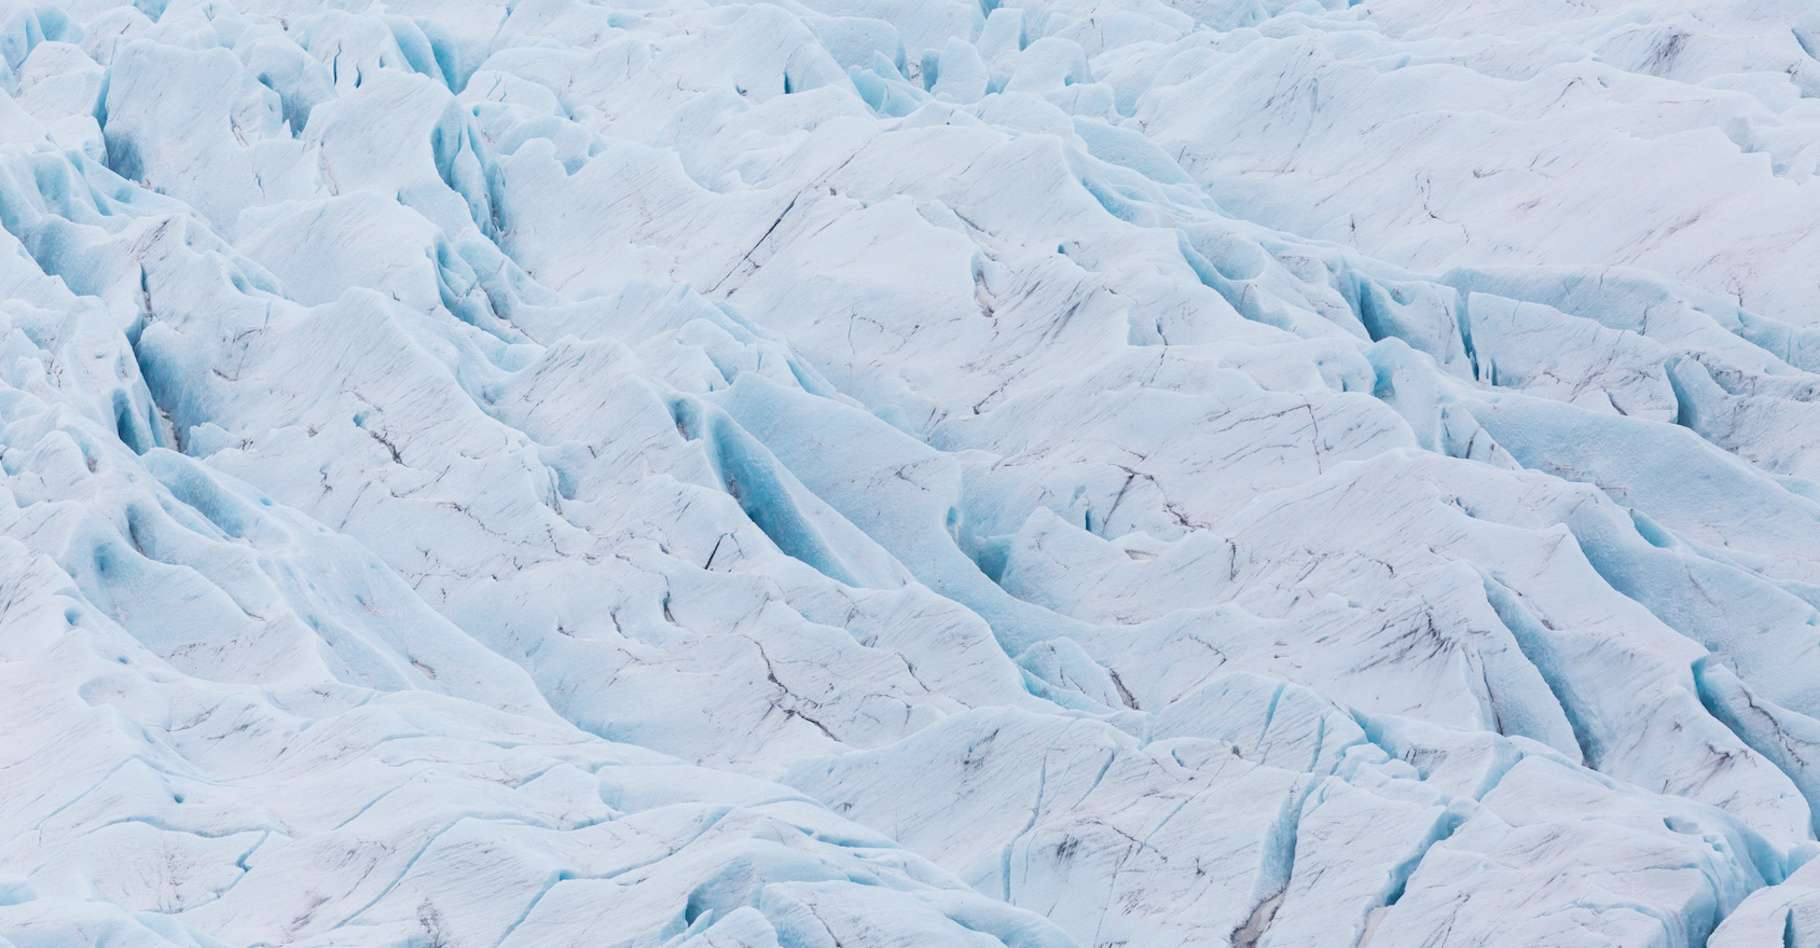 L'Islande, c'est un peu le pays du feu et de la glace. De nombreux volcans, mais aussi des glaciers, dont Vatnajökull, le plus grand d'entre eux. © Pascal Halder, Fotolia